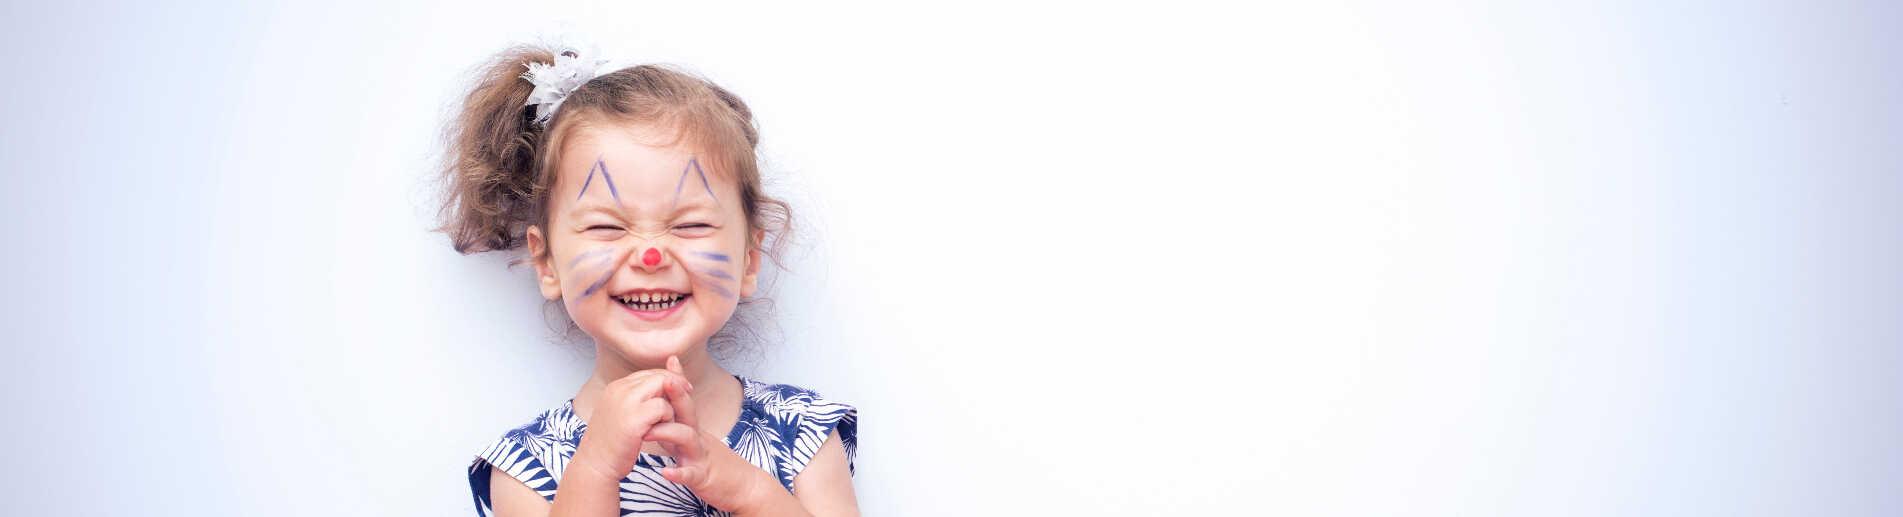 Sunt inomhusklimat hjälper barn på förskola